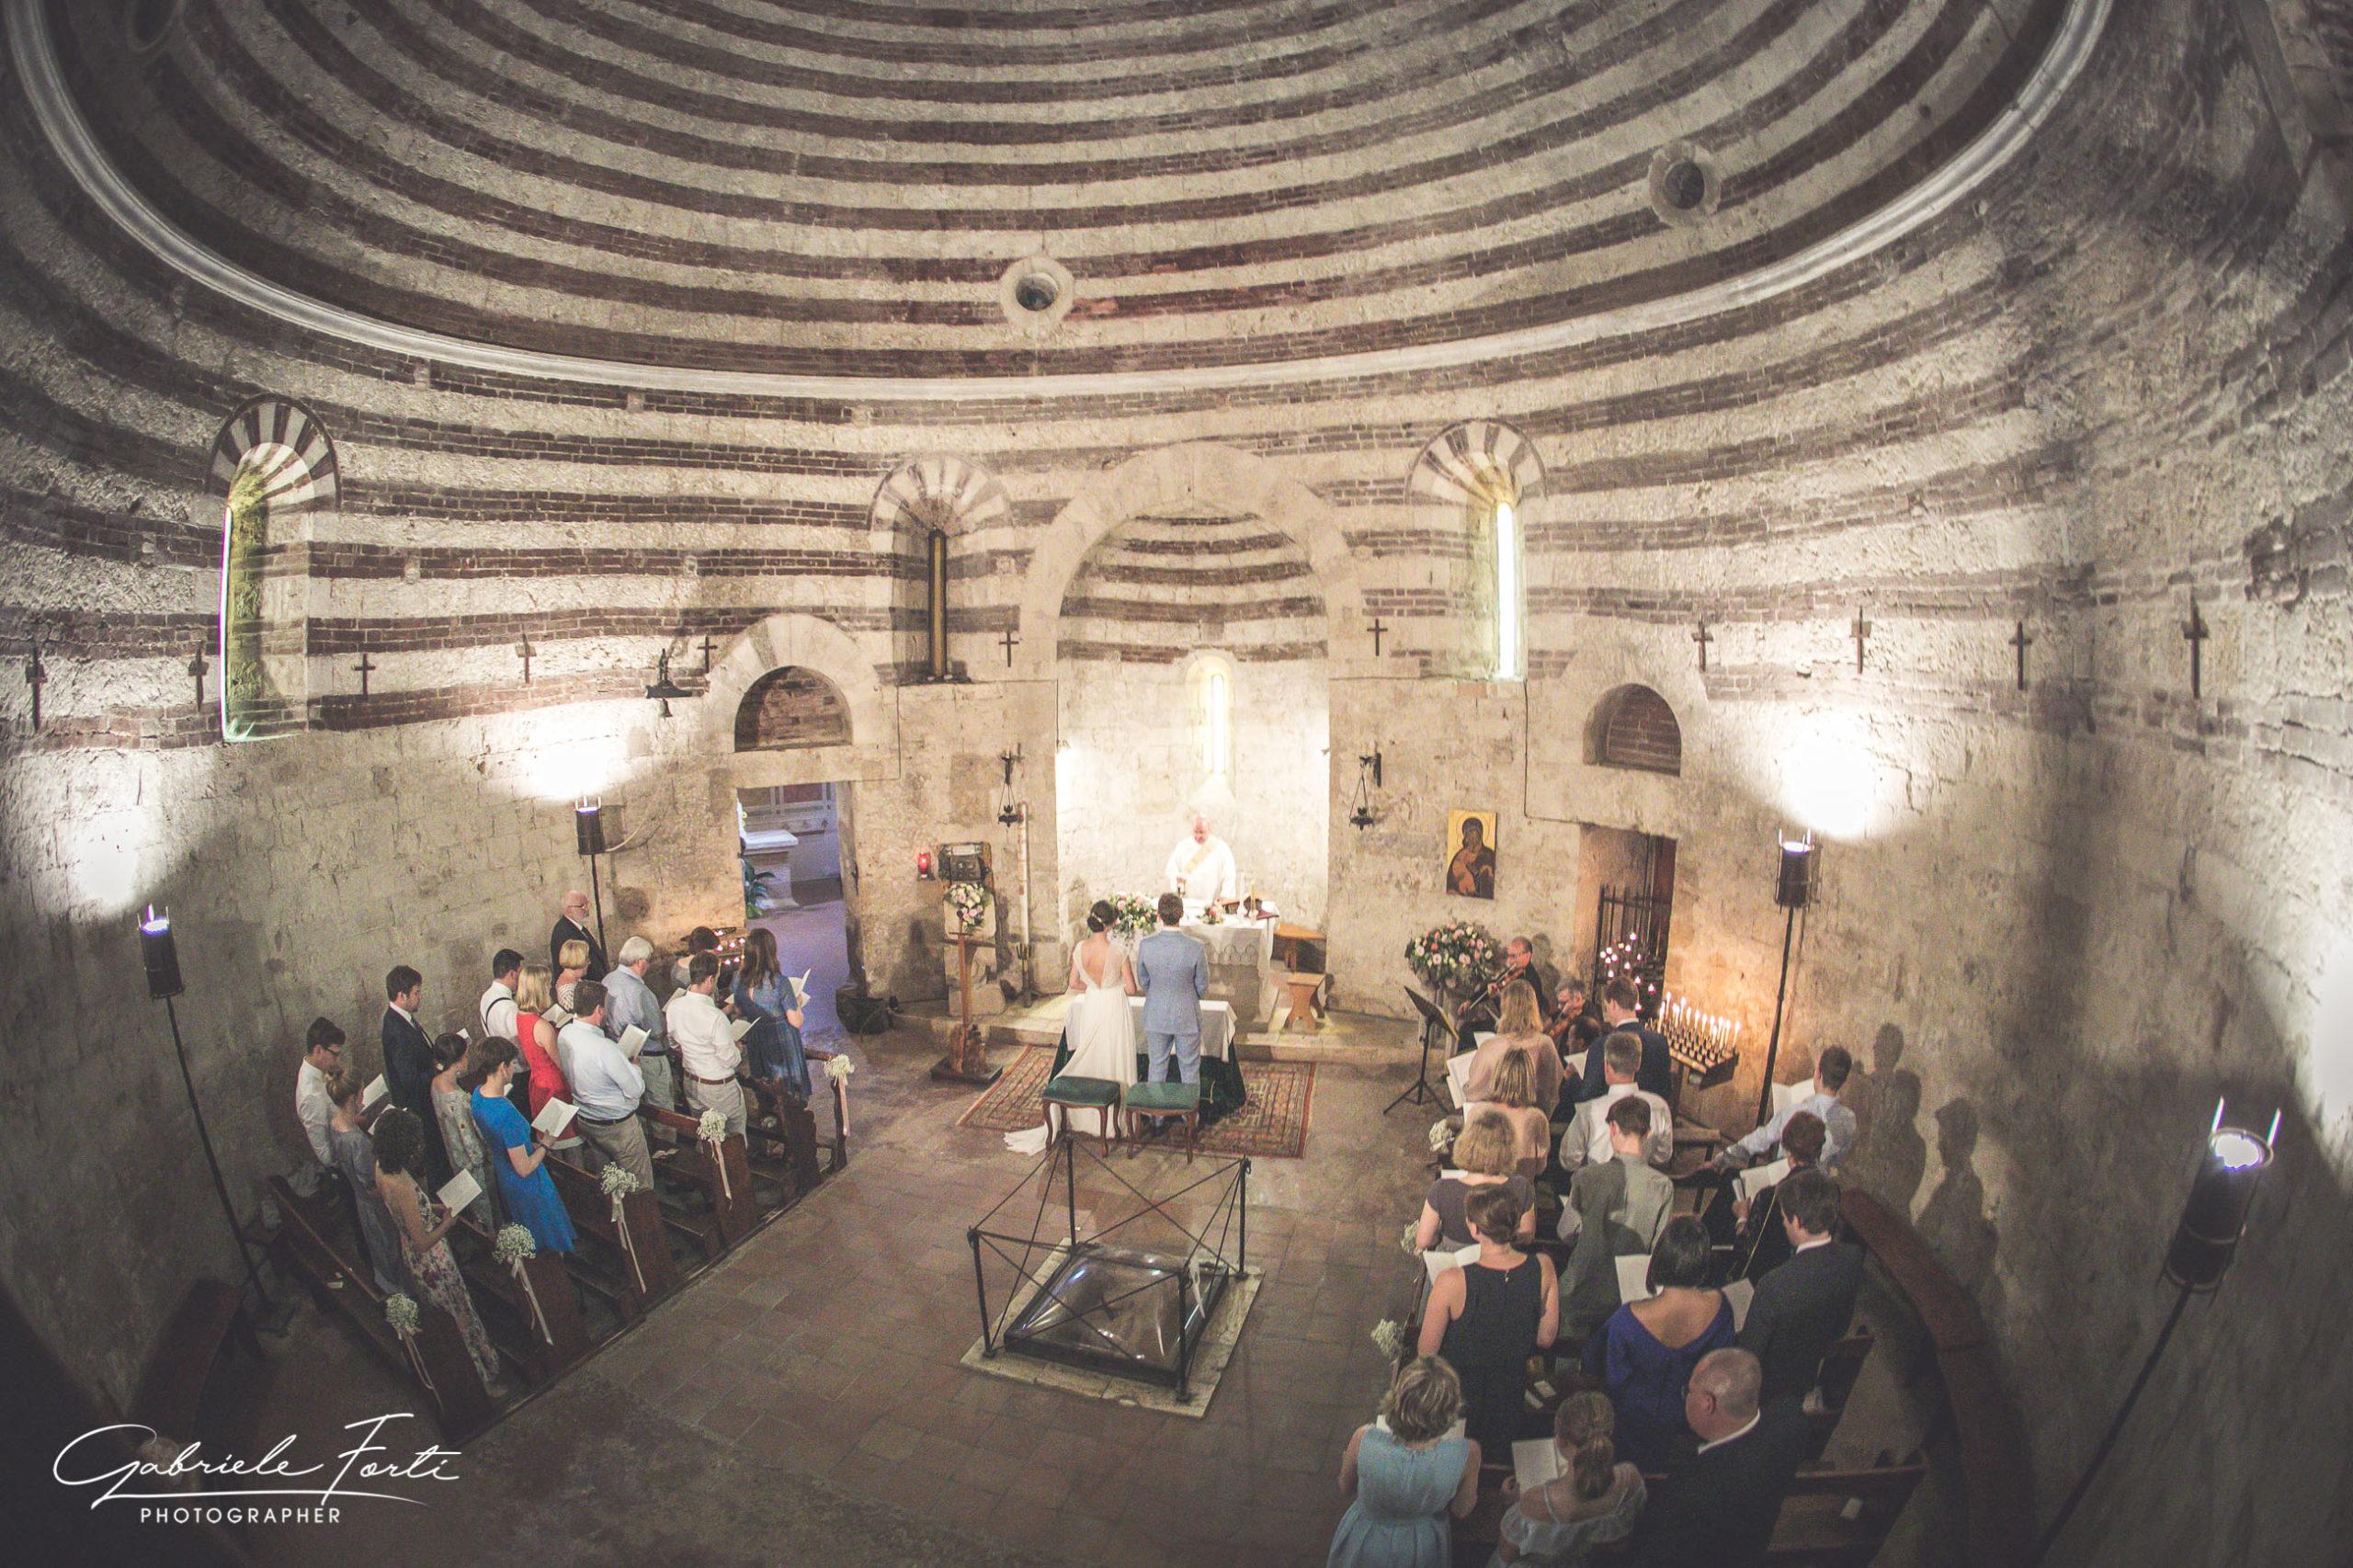 abbazia-san-galgano-tuscany-villa-podenovo-wedding-dress-foto-forti-gabriele-5